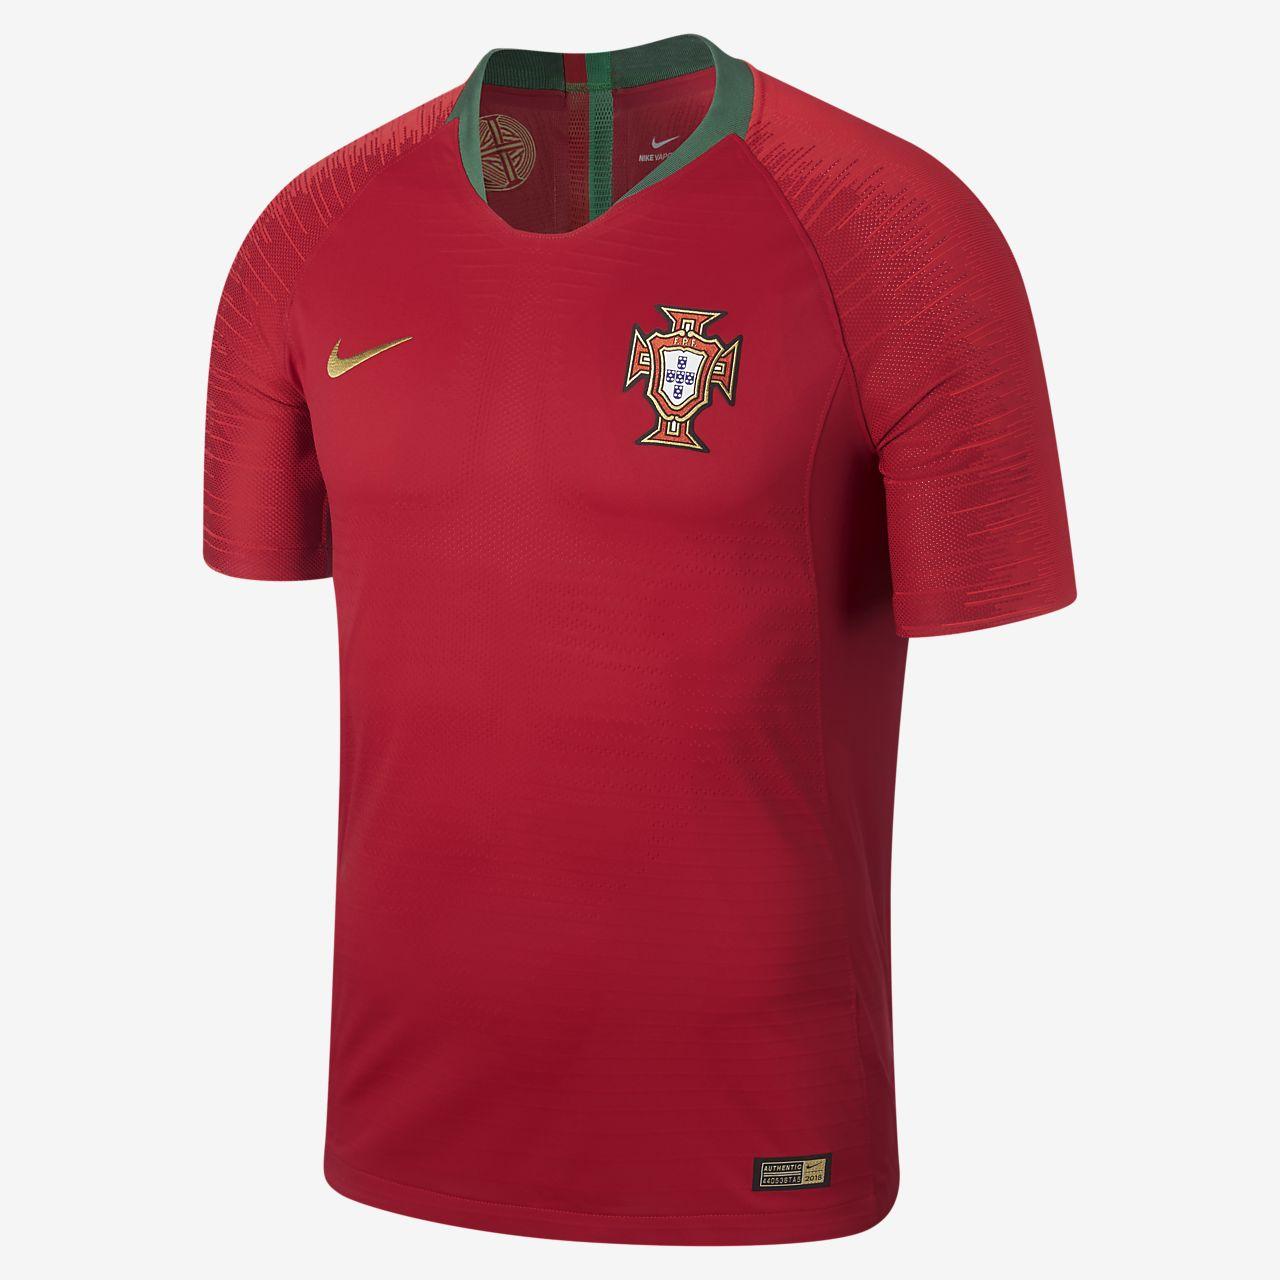 2018 Portugal Vapor Match Home fotballdrakt til herre